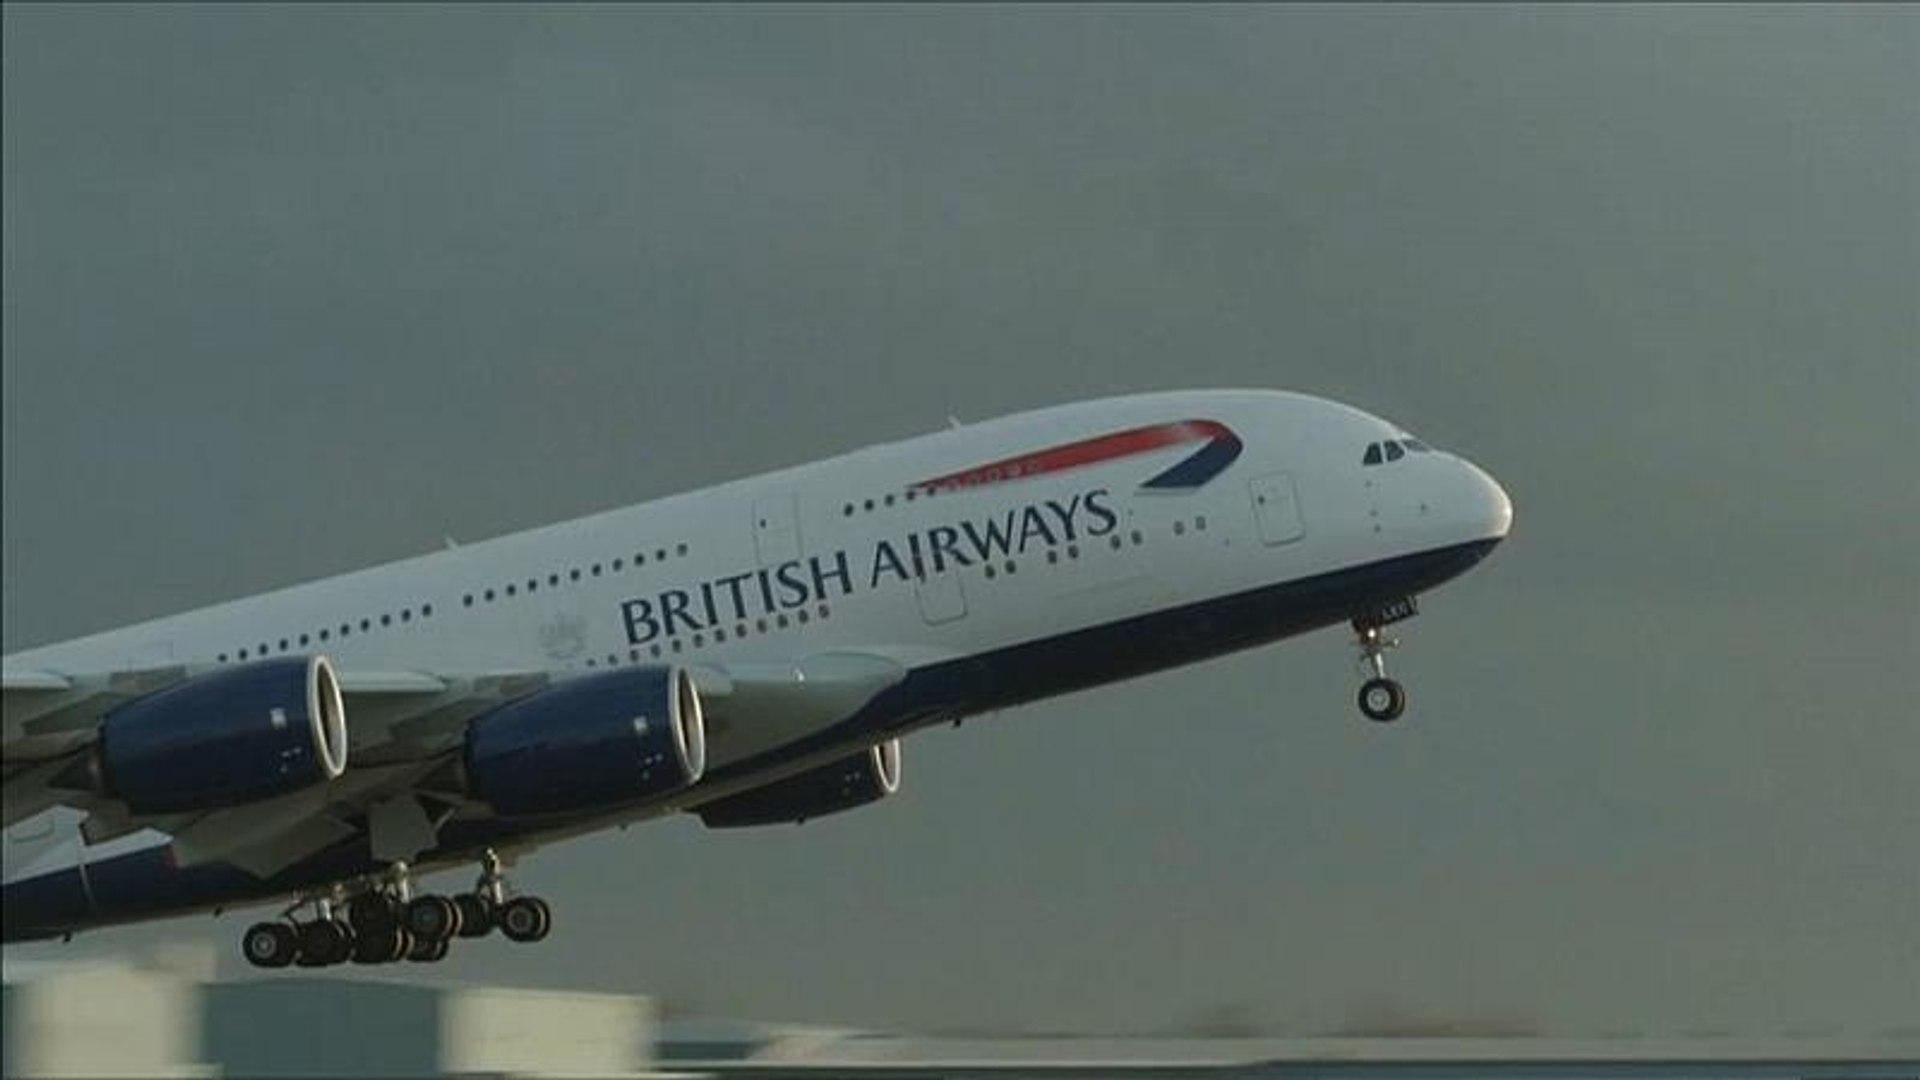 Maxi multa da 183 mln di sterline per British Airways